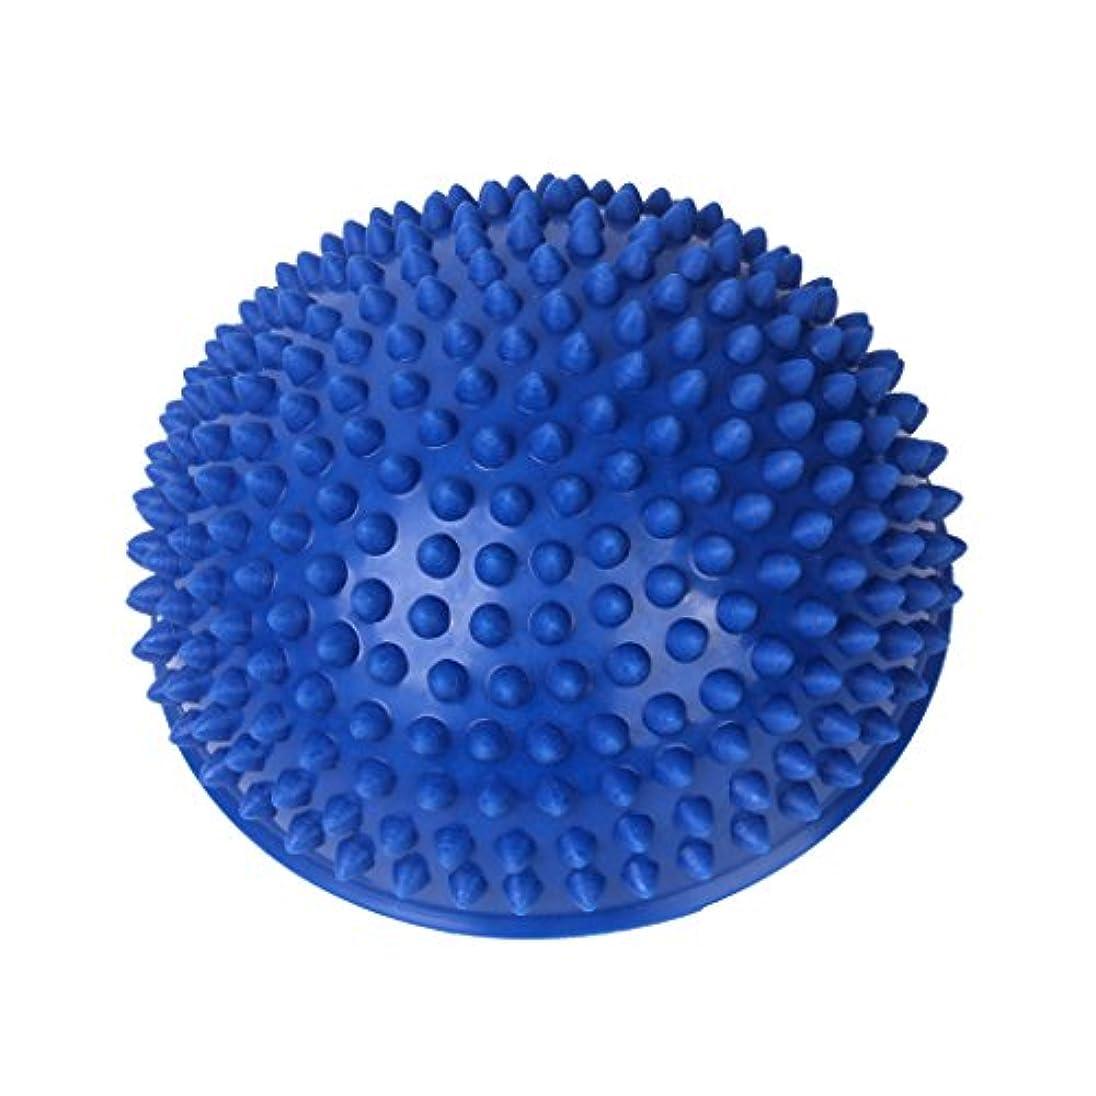 通行料金宇宙船枯れるFootful マッサージボール 半球 健康グッズ 健康器具 血液循環促進 緊張緩和 ブルー